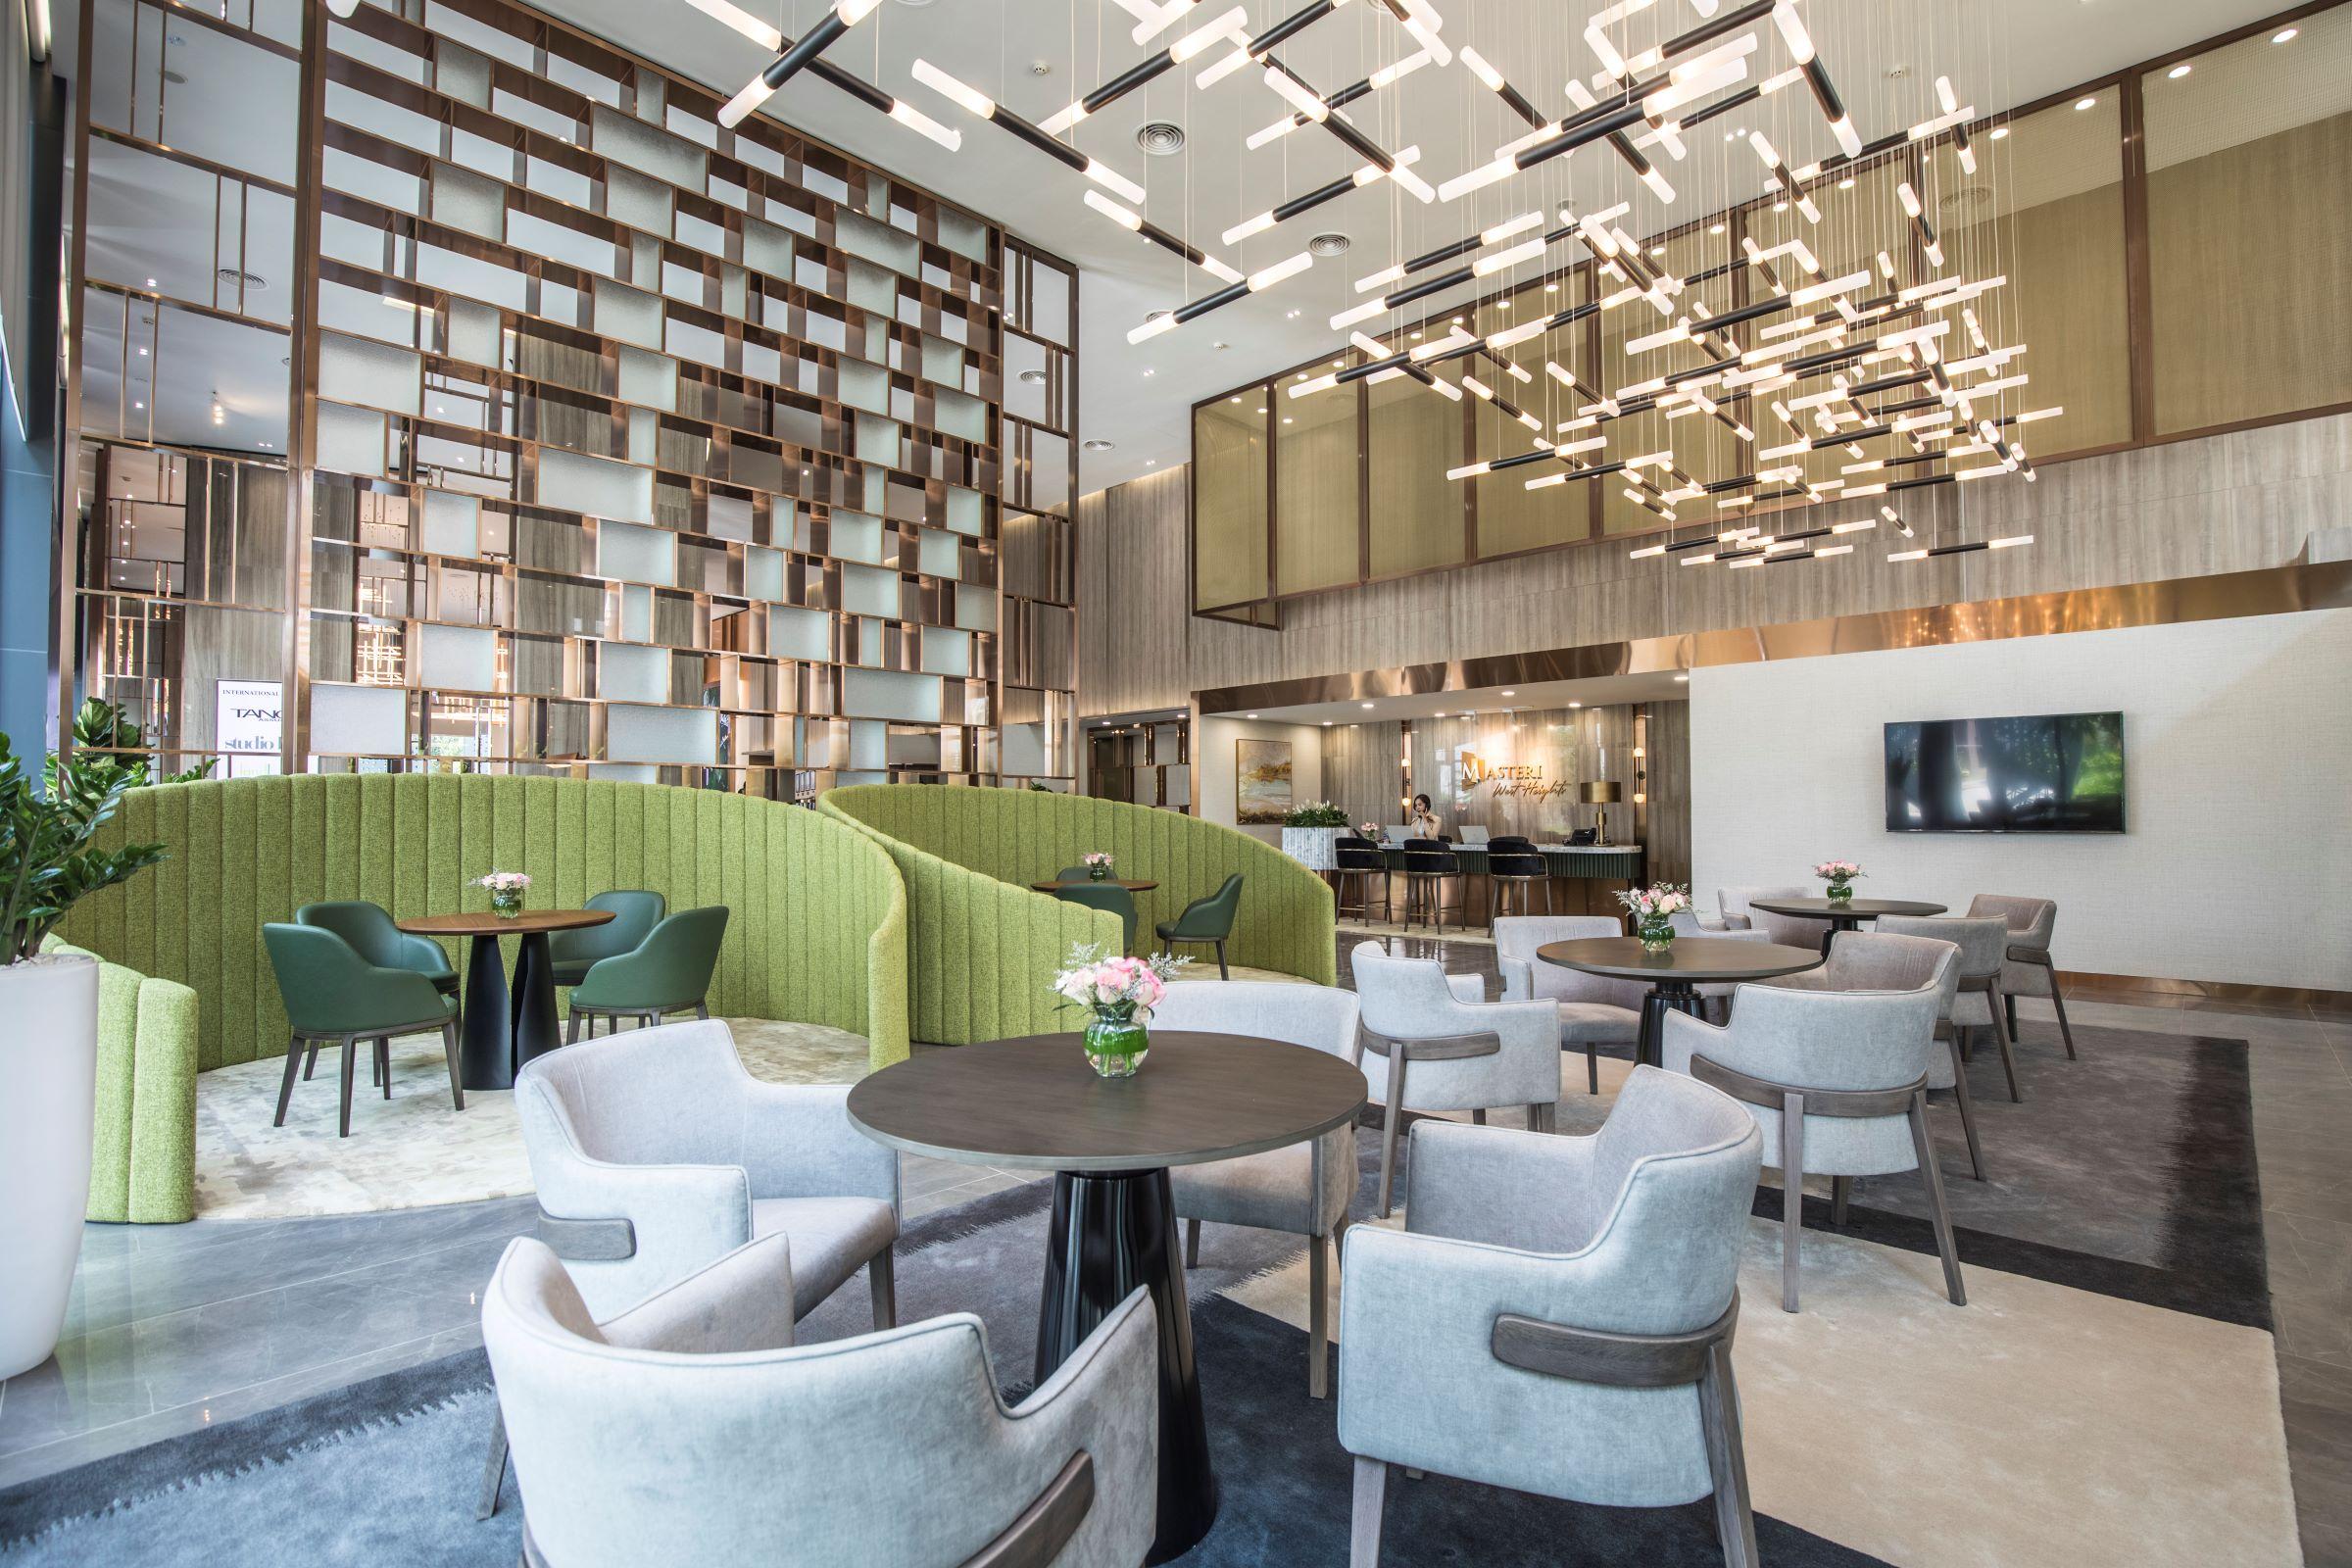 Khu vực tiếp khách được thiết kế mở, trang trọng, thích hợp cho những buổi gặp gỡ, tạo bầu không khí vừa sang trọng vừa ấm cúng.